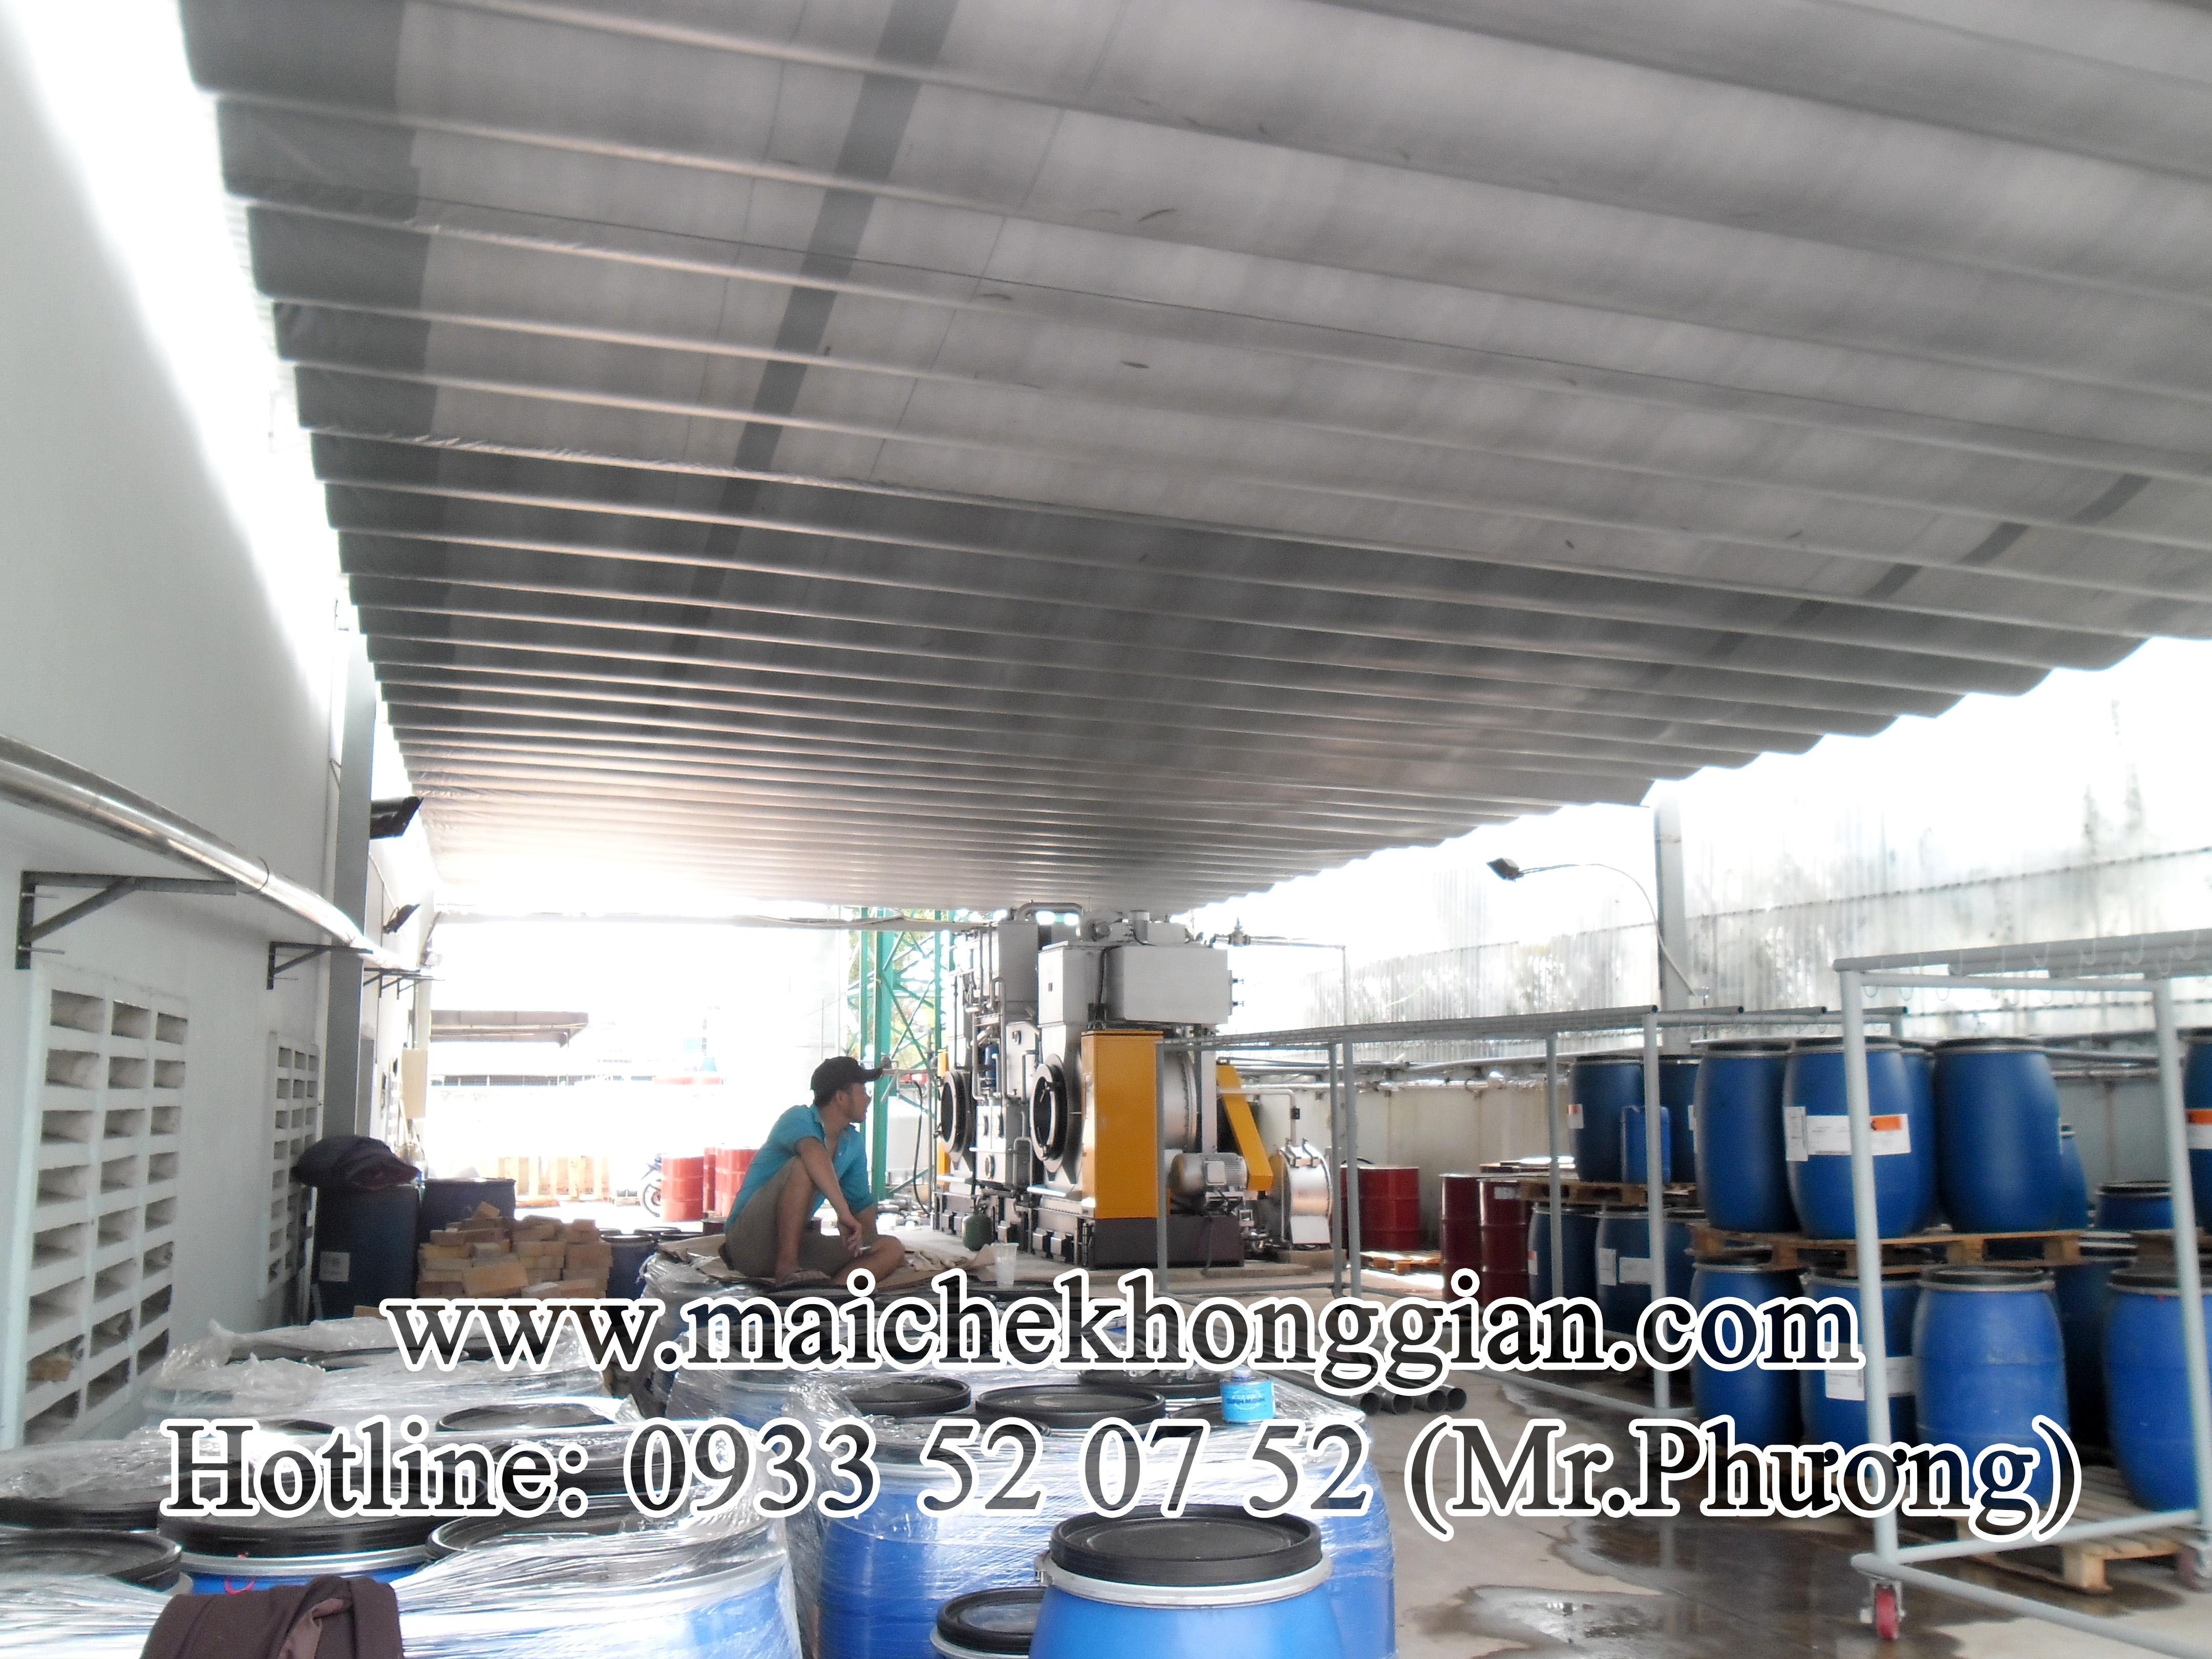 Mái Che Kho Hàng Huyện Long Hồ Vĩnh Long